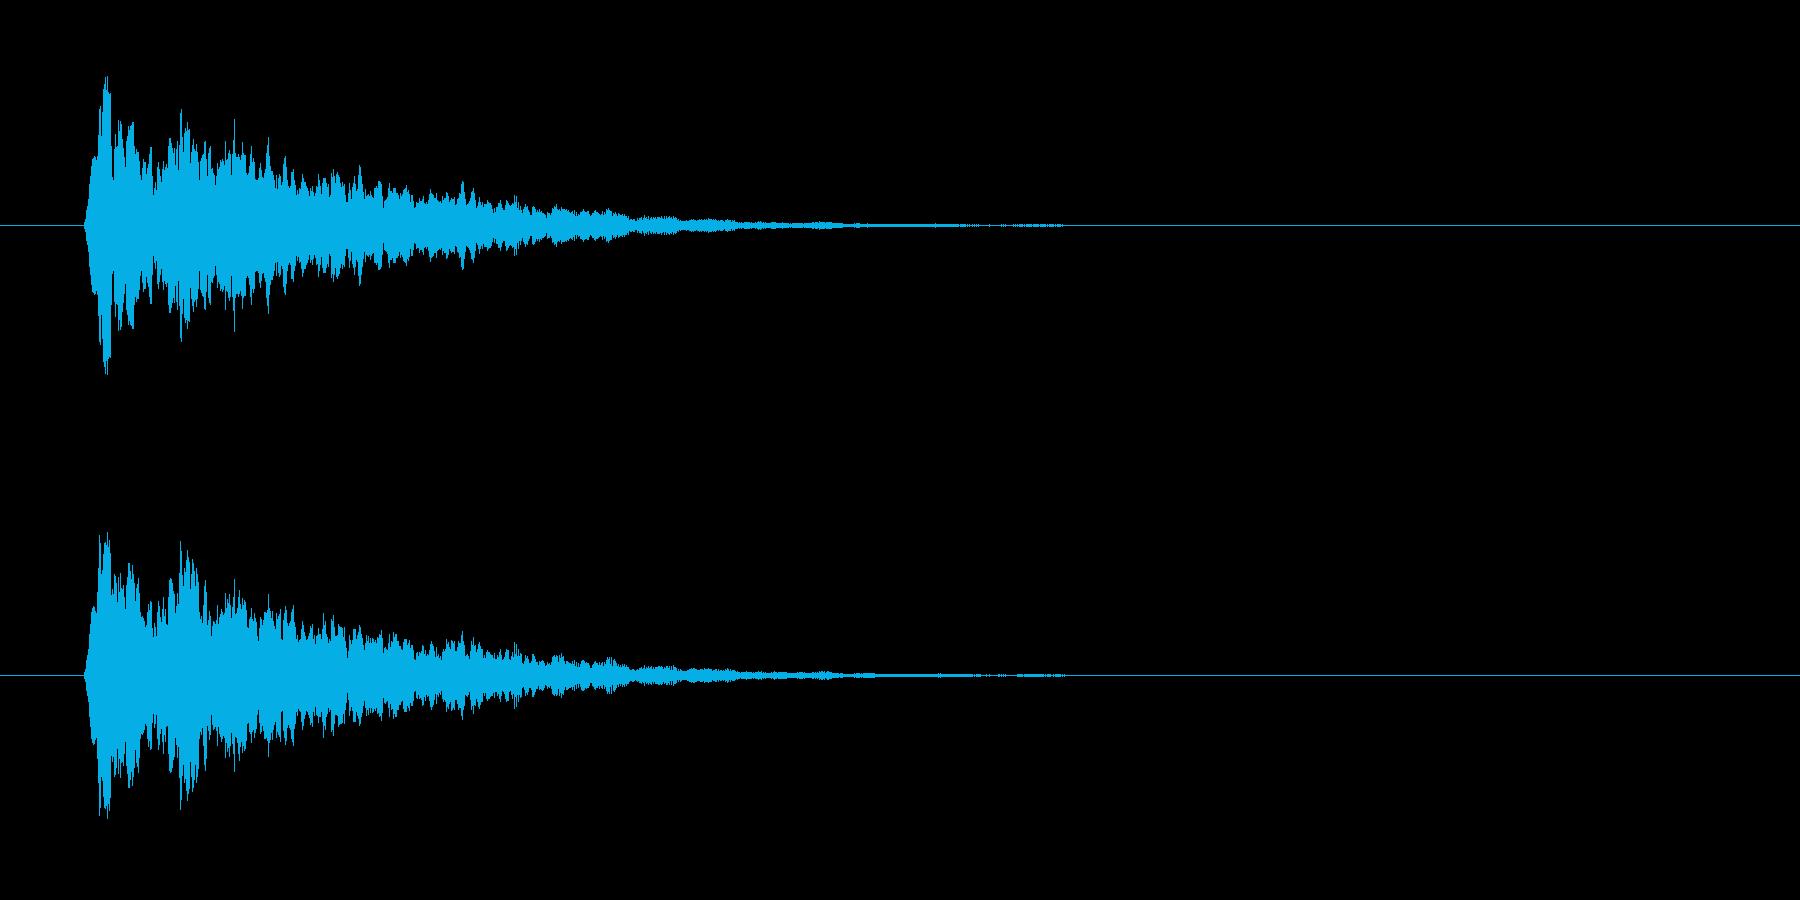 きらーん音の再生済みの波形